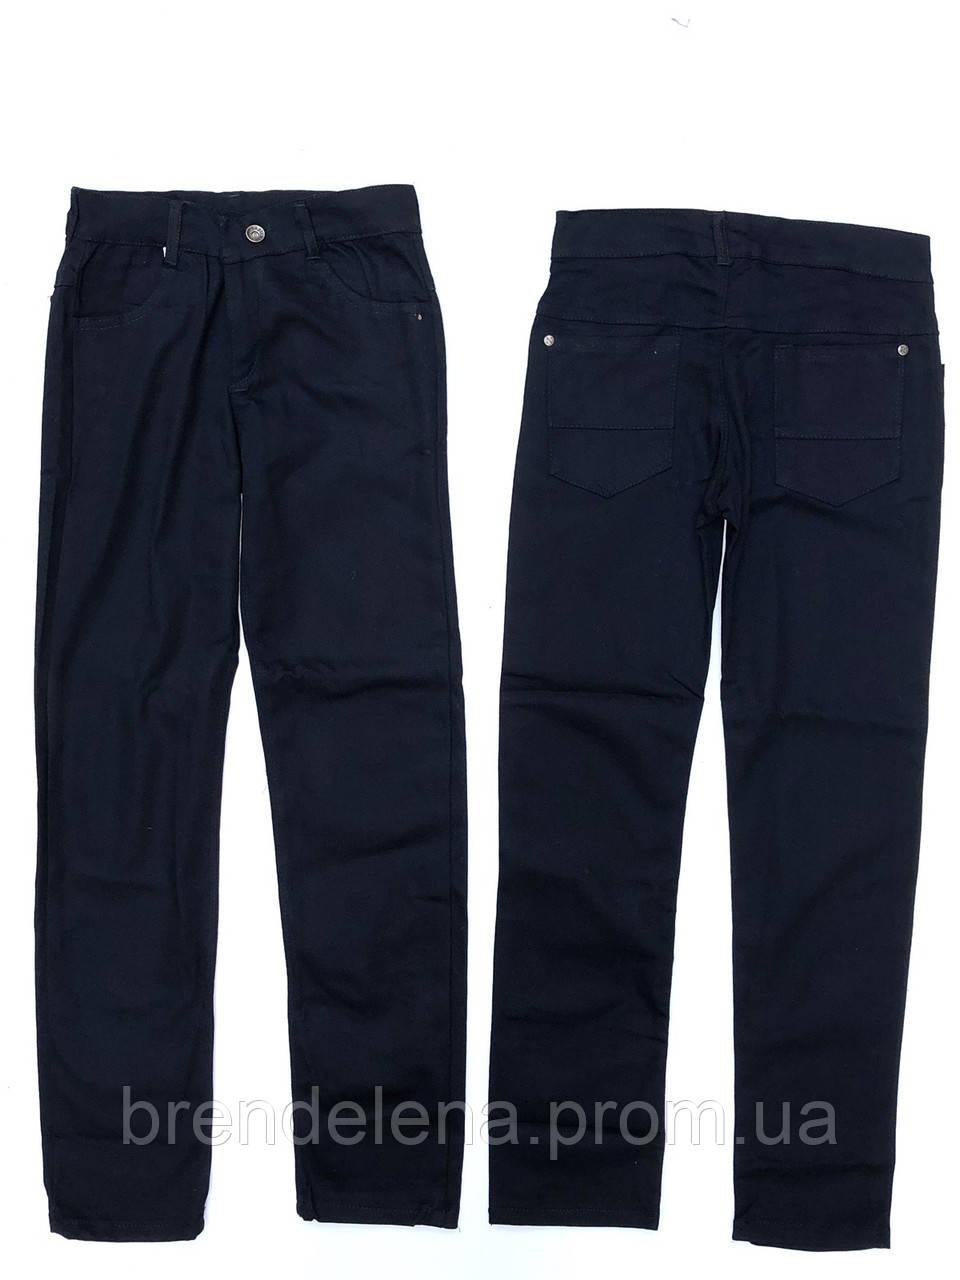 Котонові чорні штани підліткові (11-15 років.)